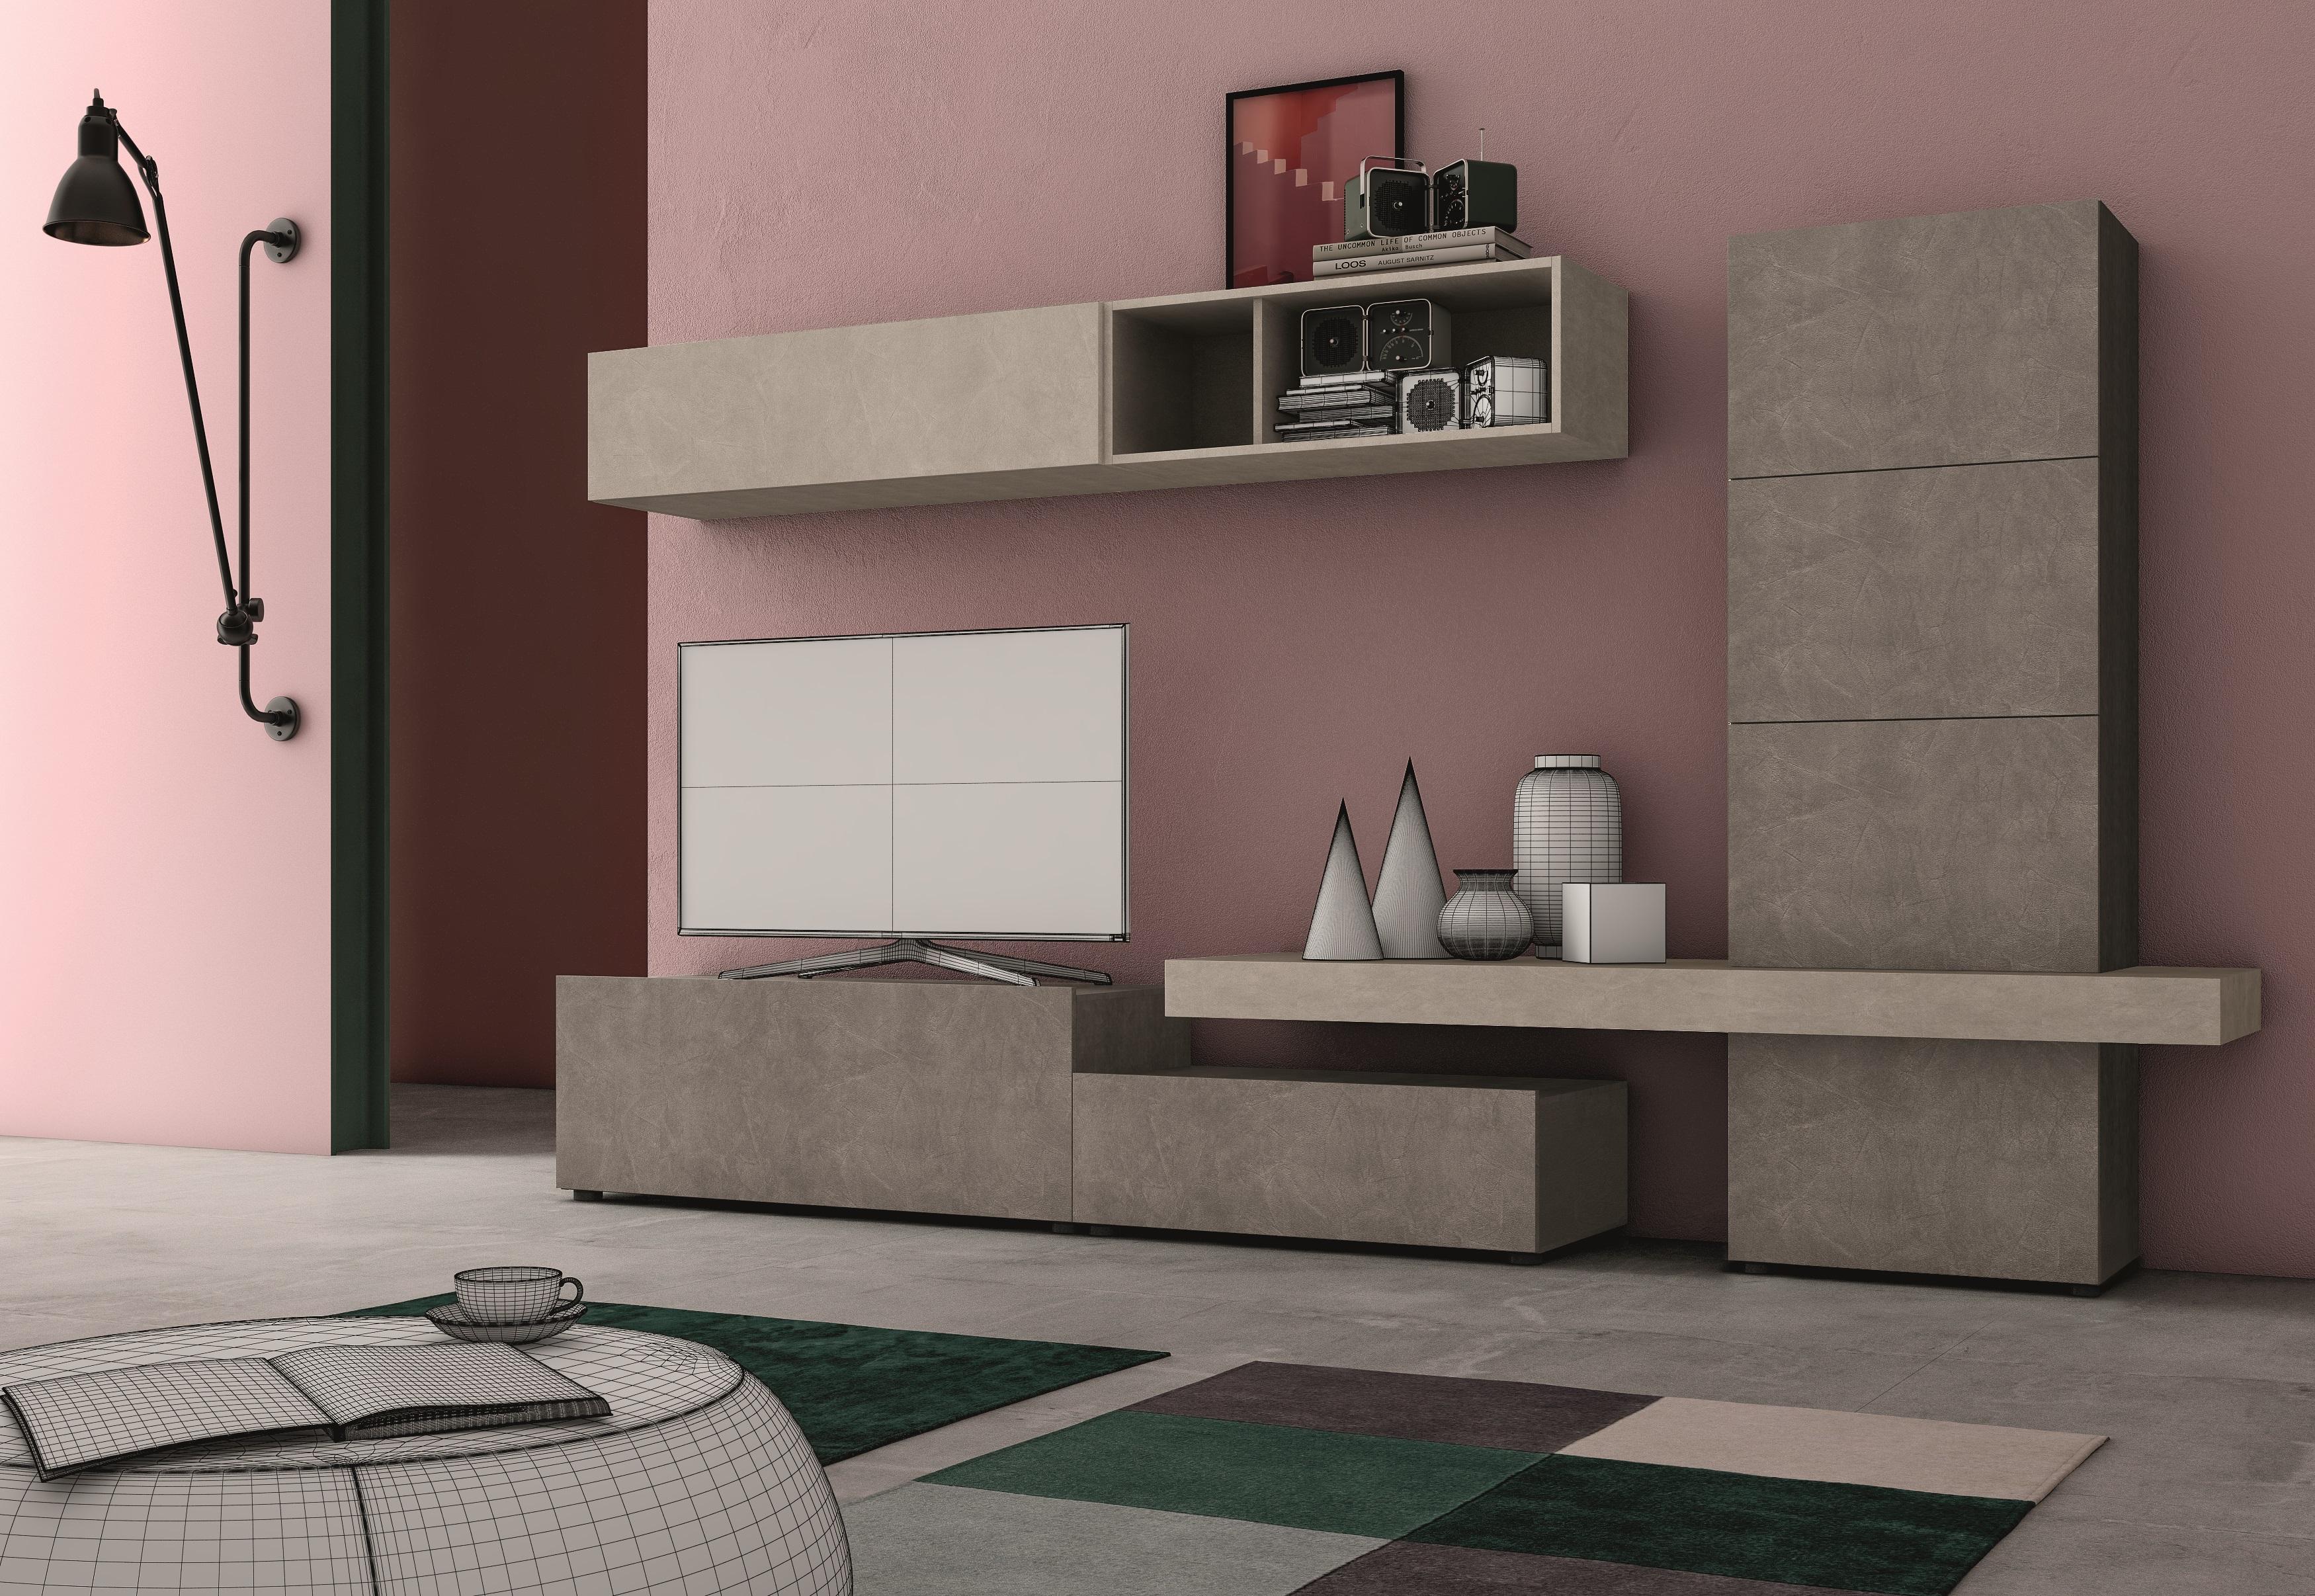 Soggiorno moderno arredamento soggiorni ardea for Composizione soggiorno moderno